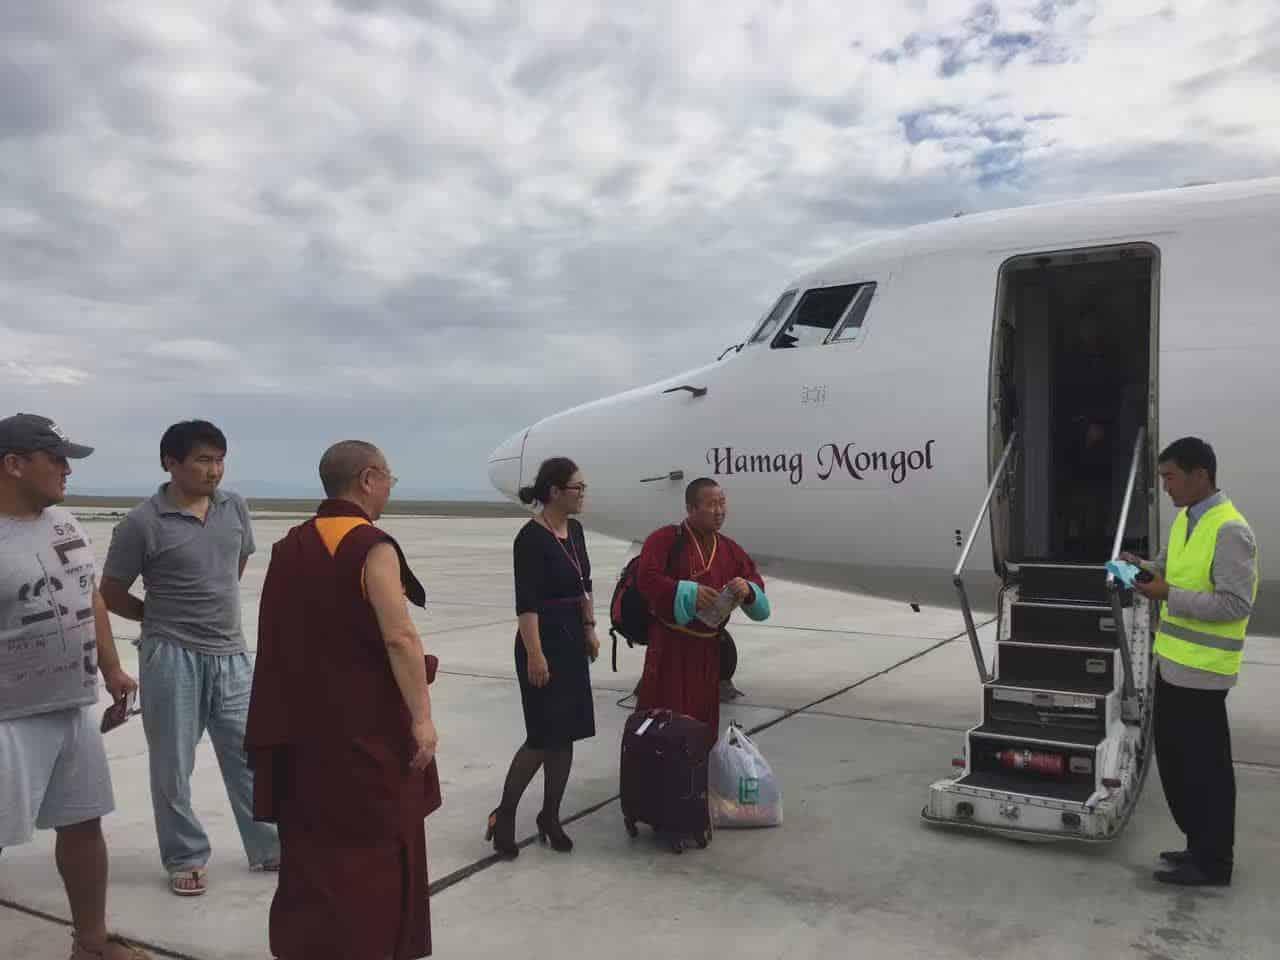 gosok-rinpoche-mongolia-2016-21a5ad1311e7981fa9204db862d7efd